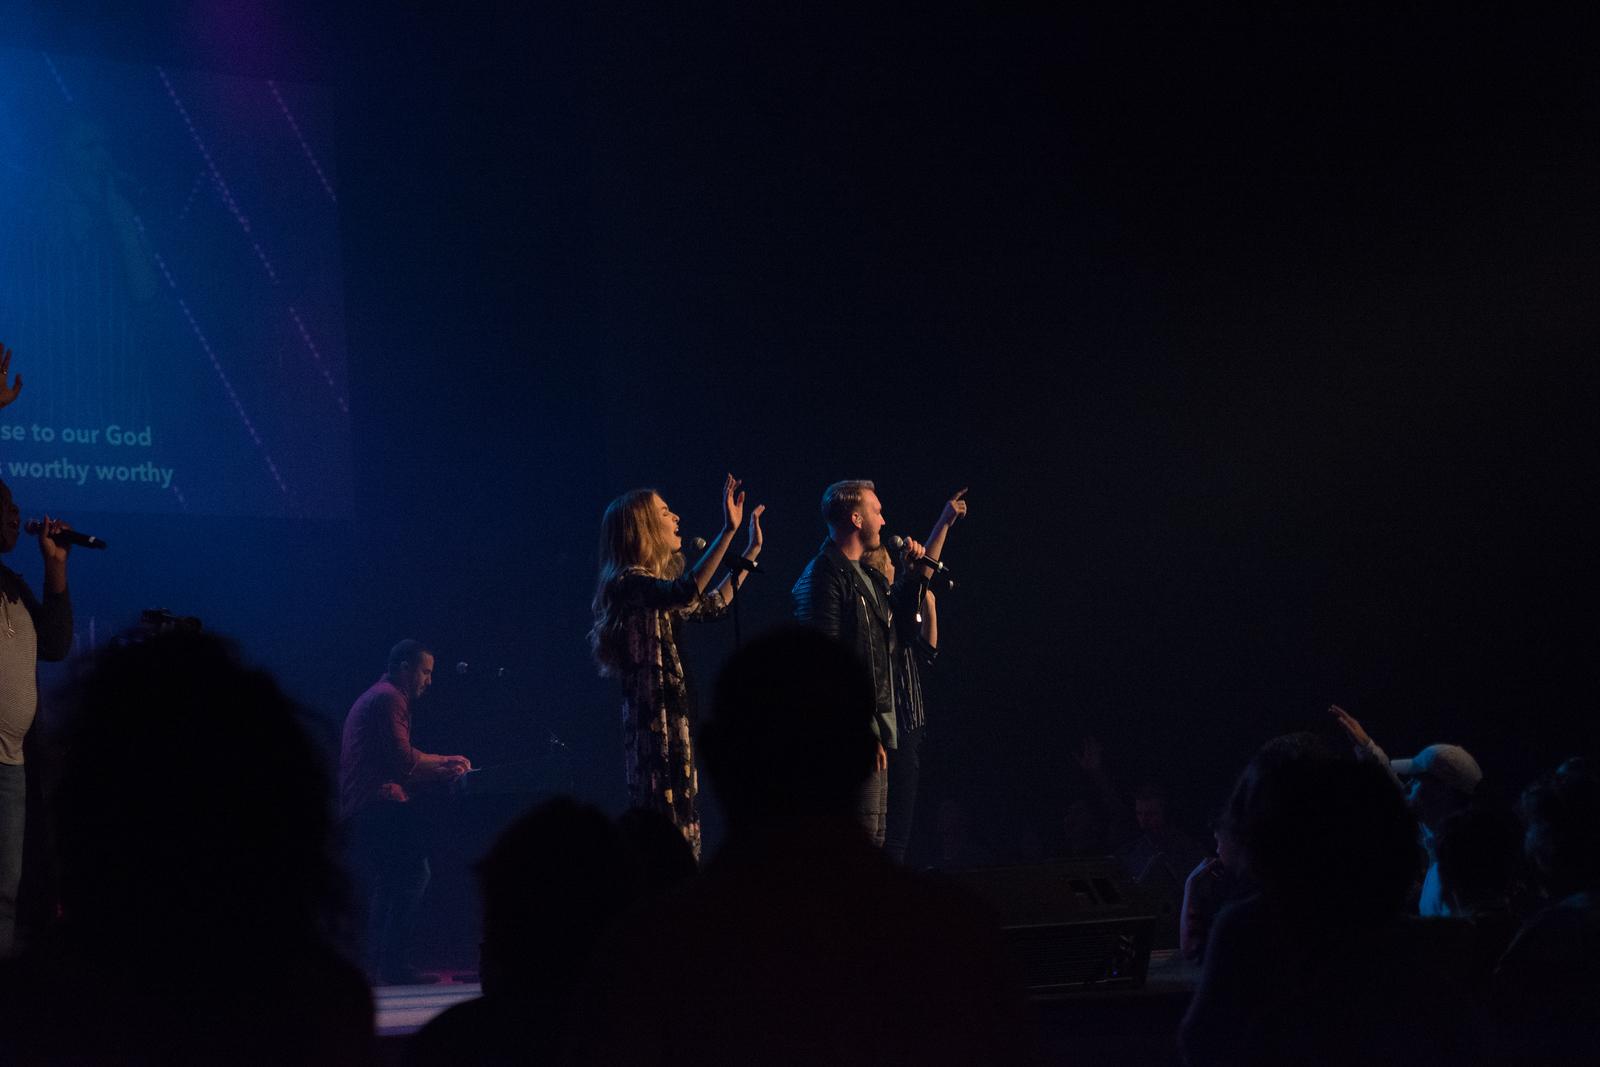 17-10-22 - Blessed Life - Matt Fry